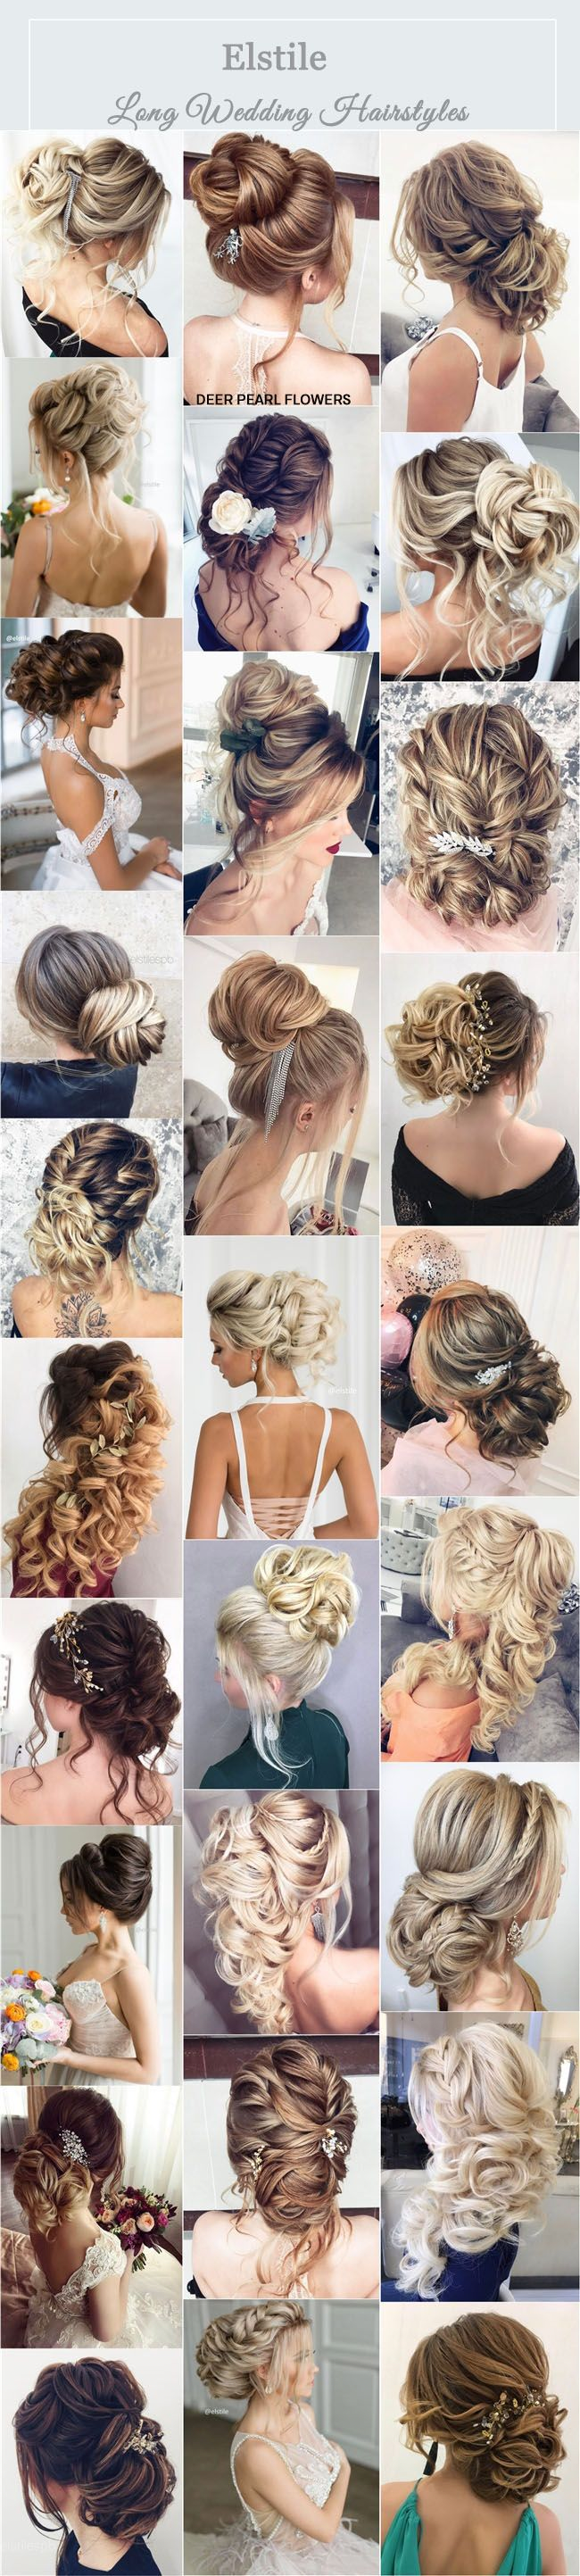 Elstile Esküvői frizurák és Updos hosszú haj